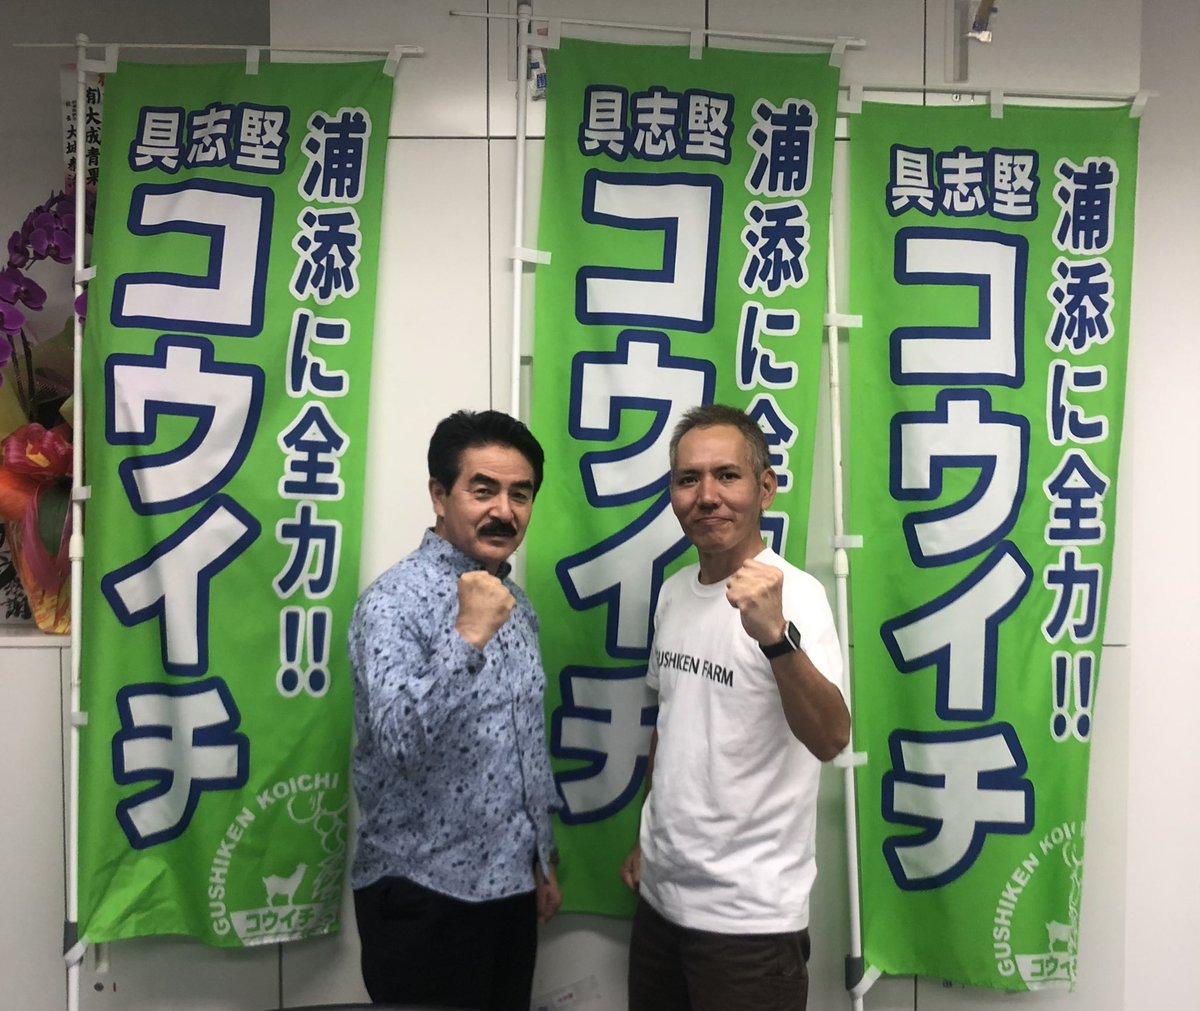 2021 浦添 選挙 市議会 議員